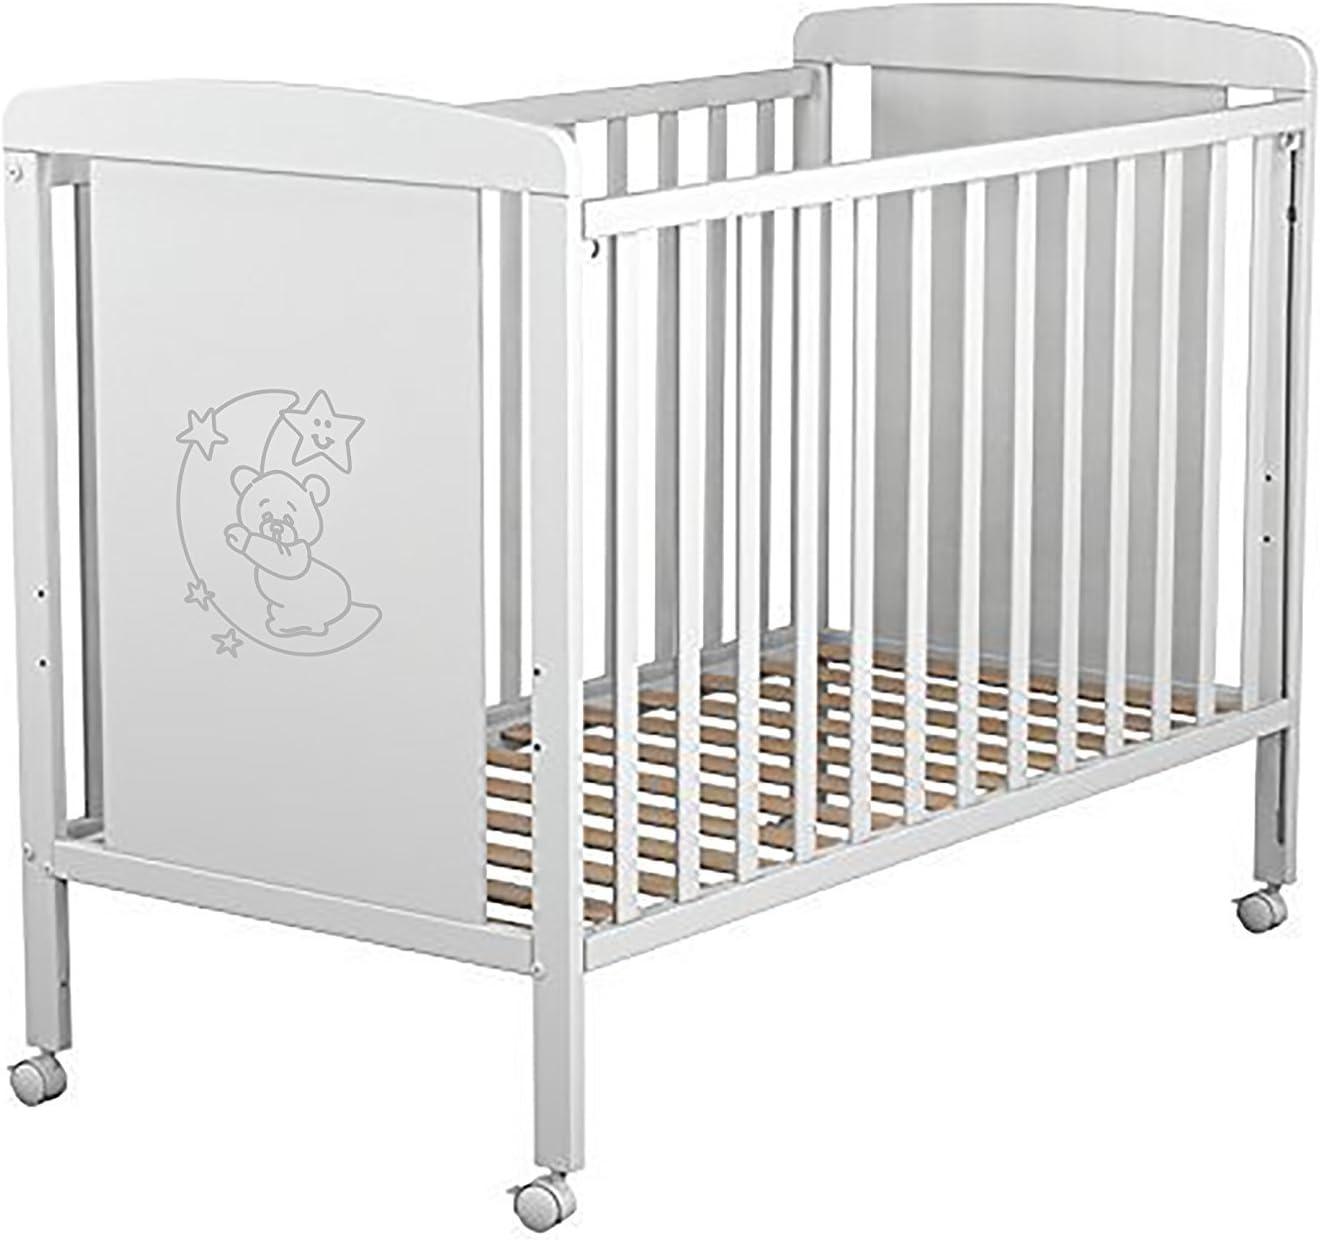 Cuna para bebé + Colchón Viscoelástica + Protector de colchón impermeable